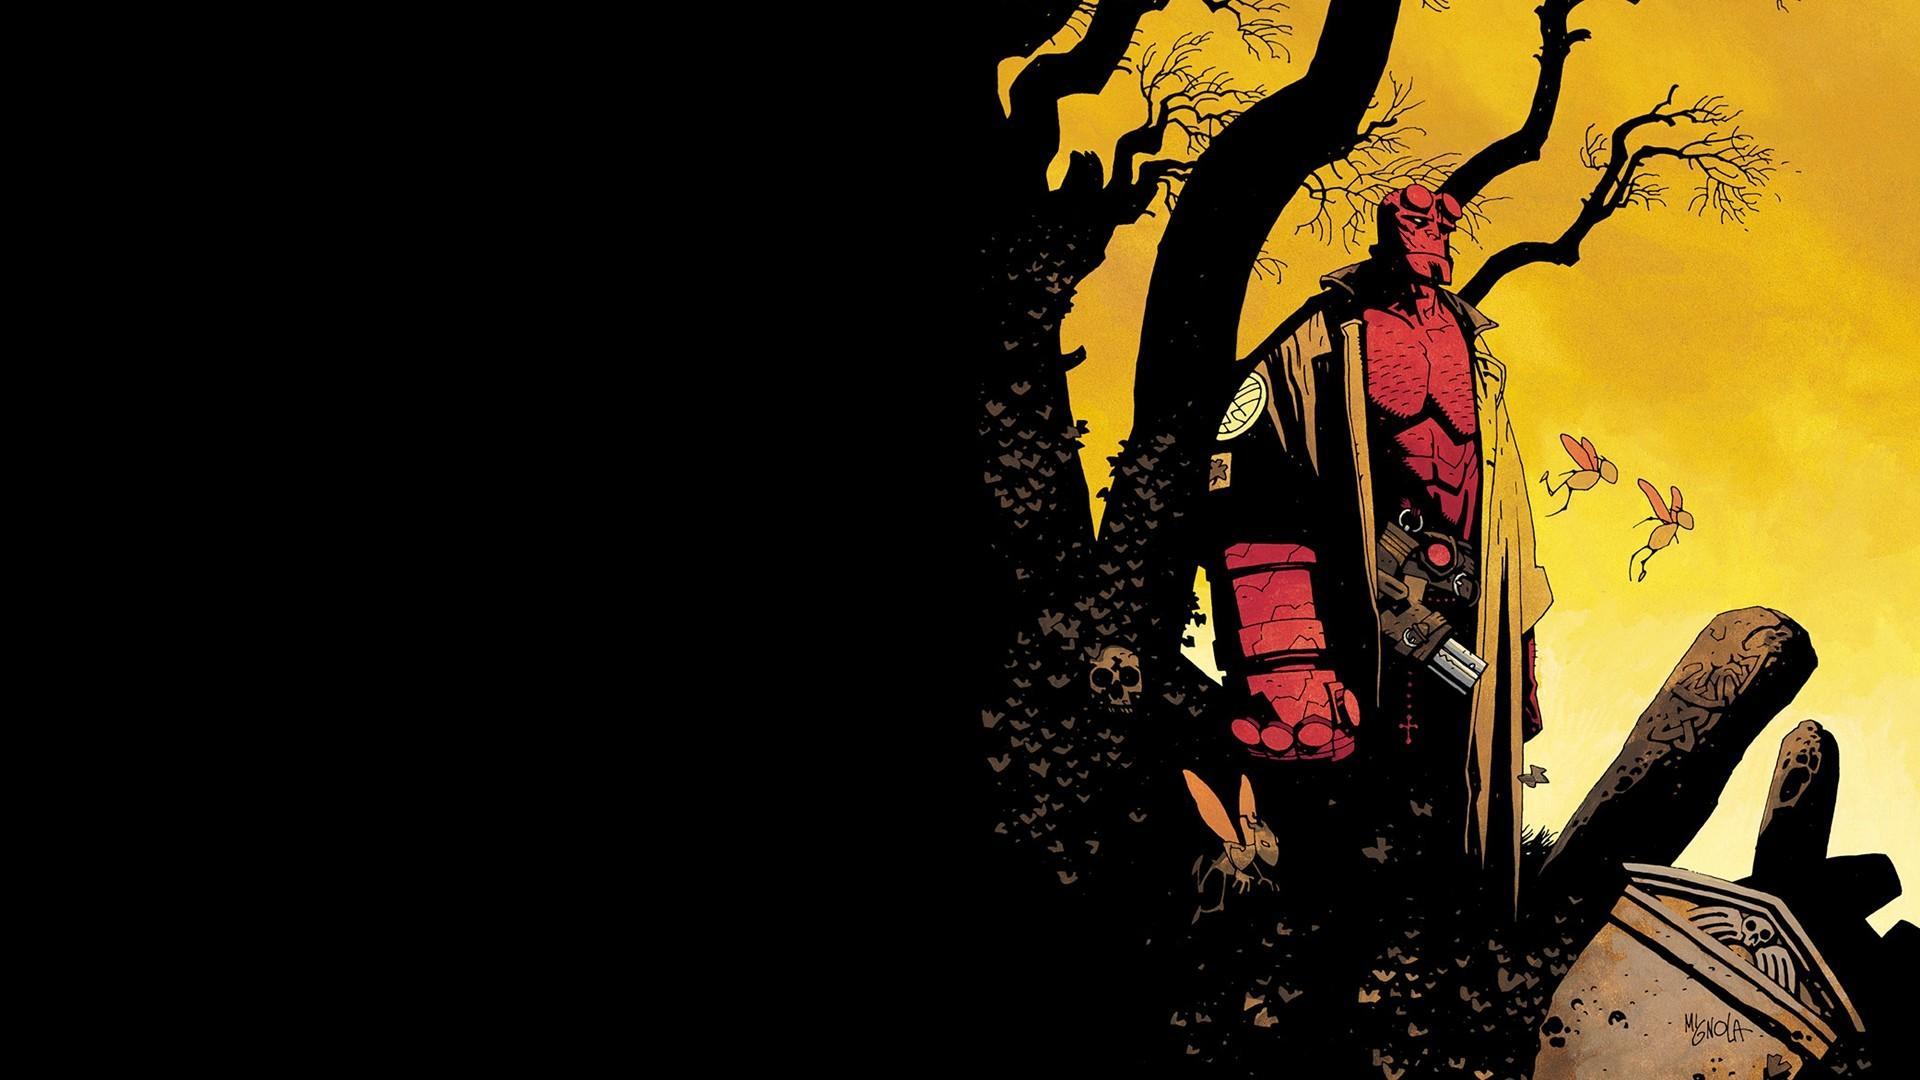 Comics hellboy wallpaper 66527 1920x1080